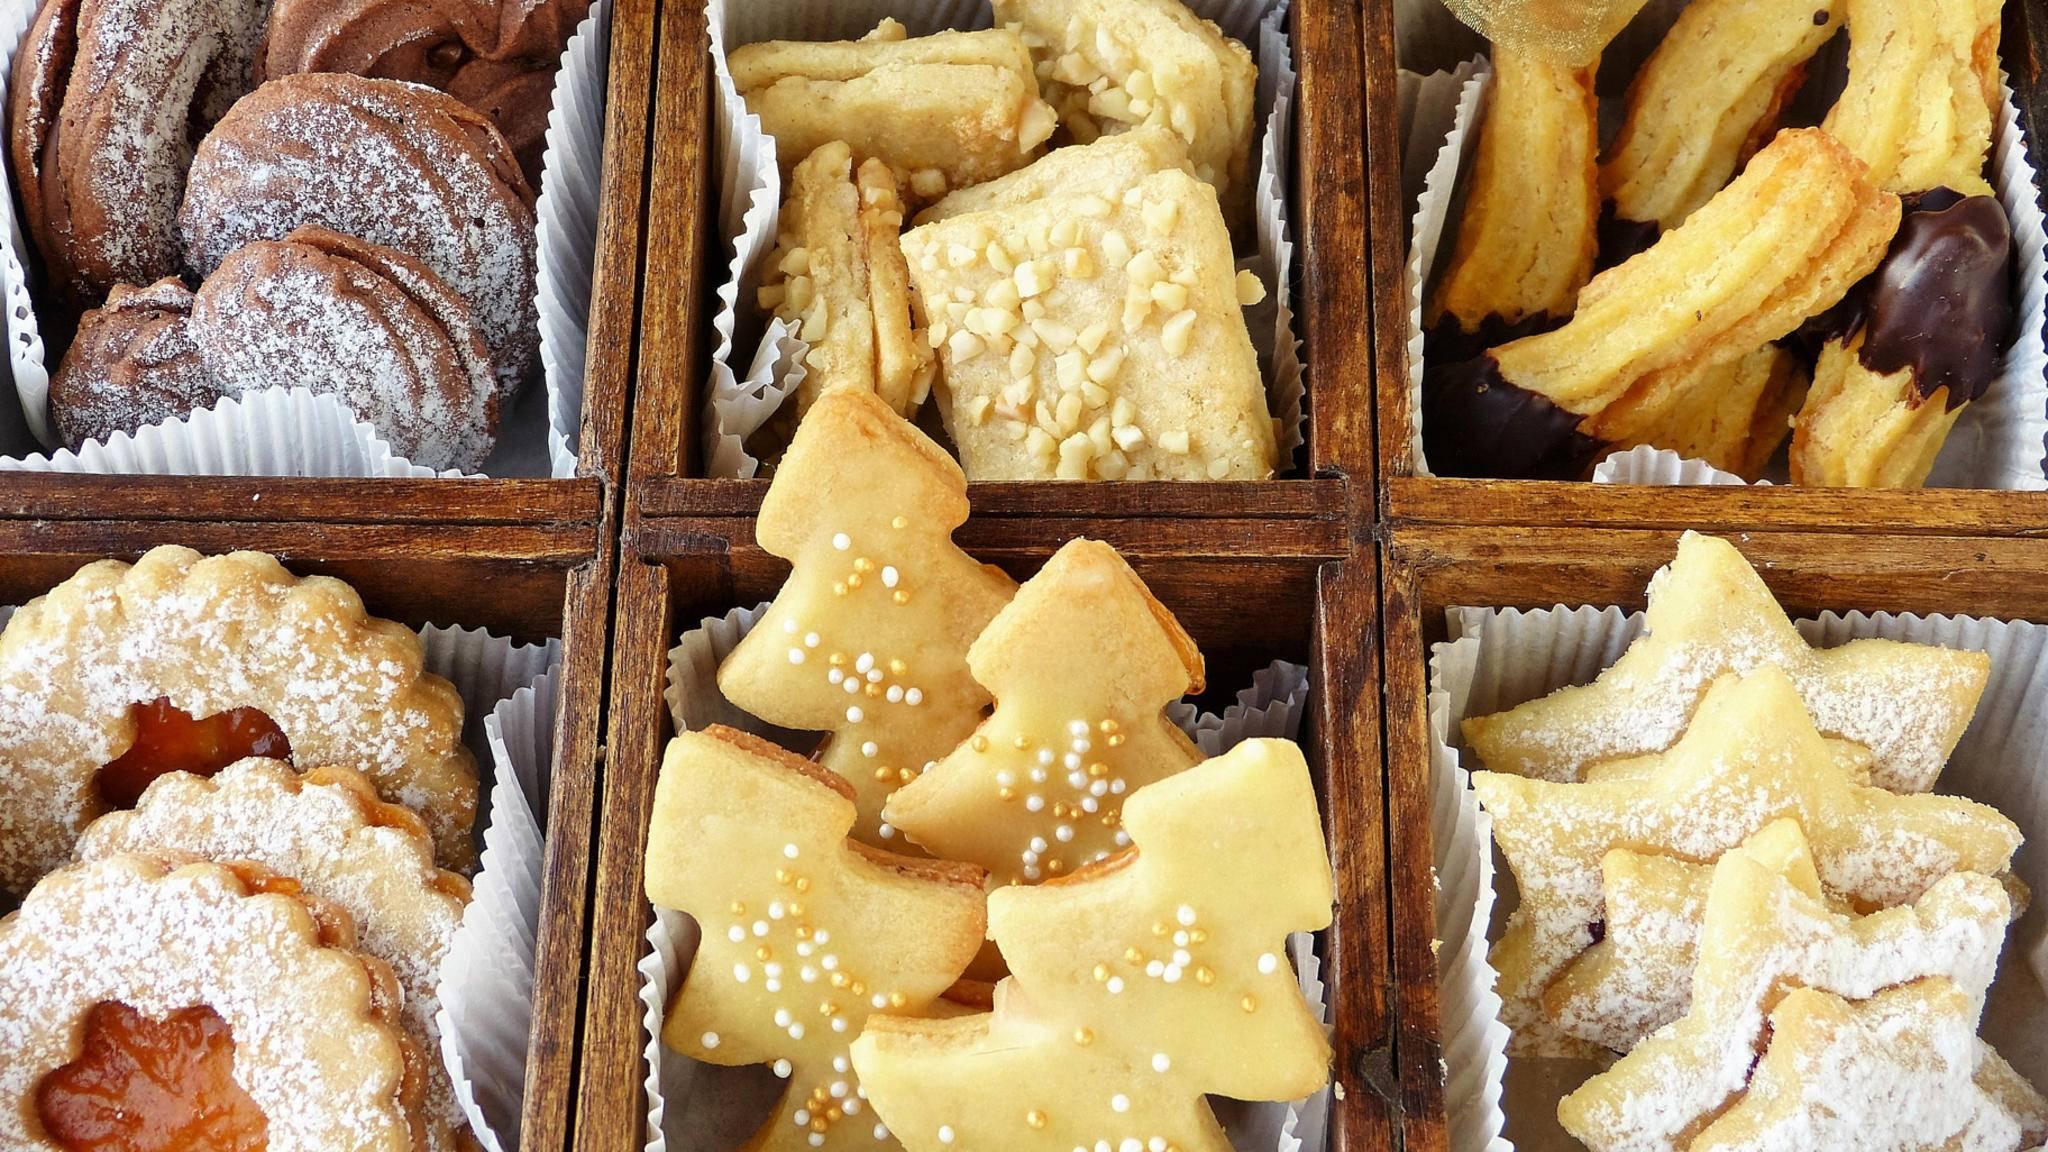 Es gibt auch leckere Low Carb-Varianten der klassischen Weihnachtsplätzchen.